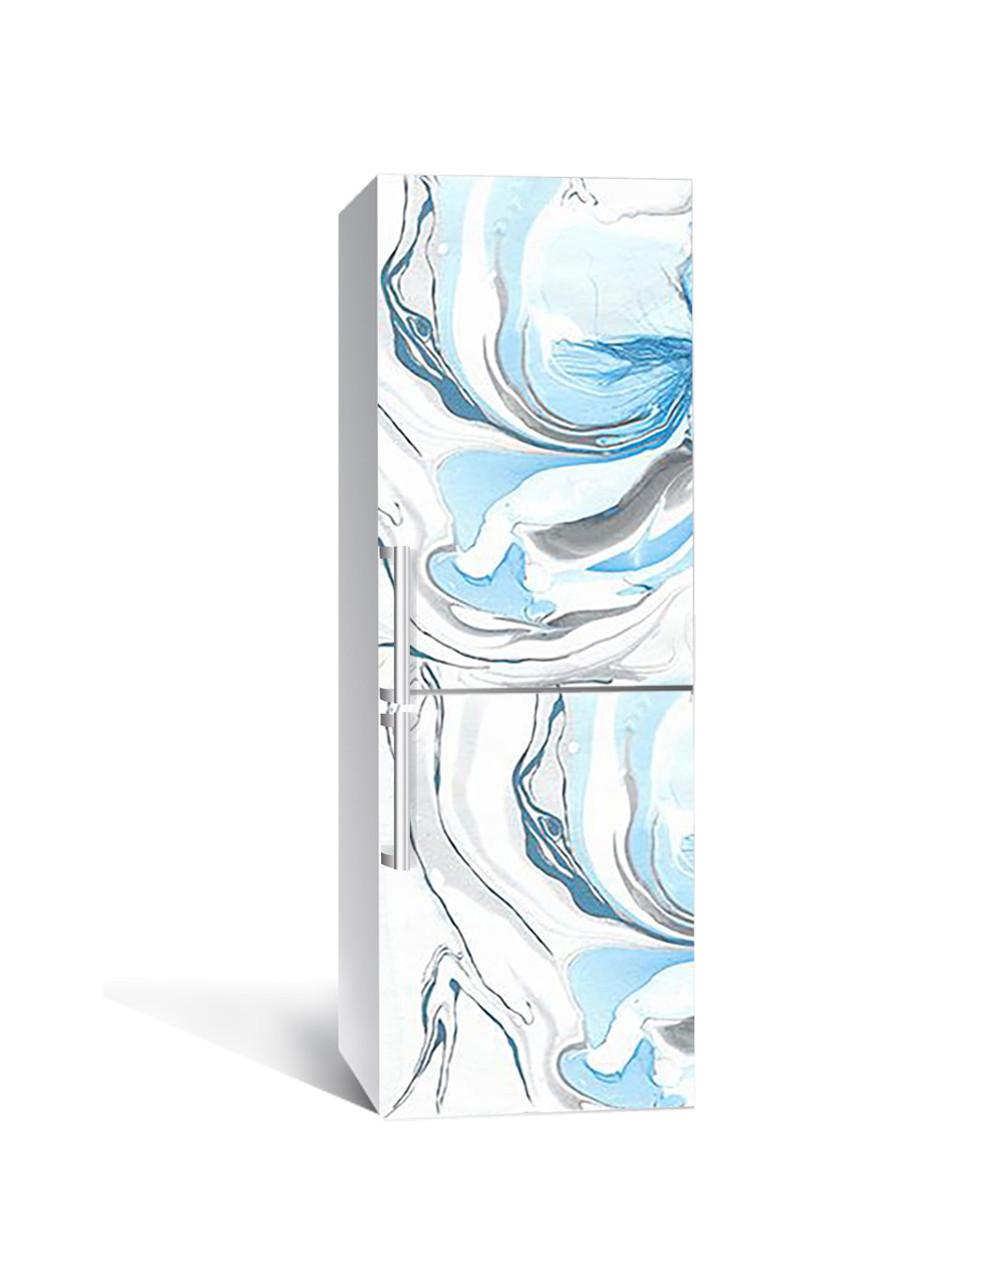 Вінілова 3Д наклейка на холодильник Бірюзовий Мармур (плівка ПВХ фотодрук) 65*200см Текстура Блакитний